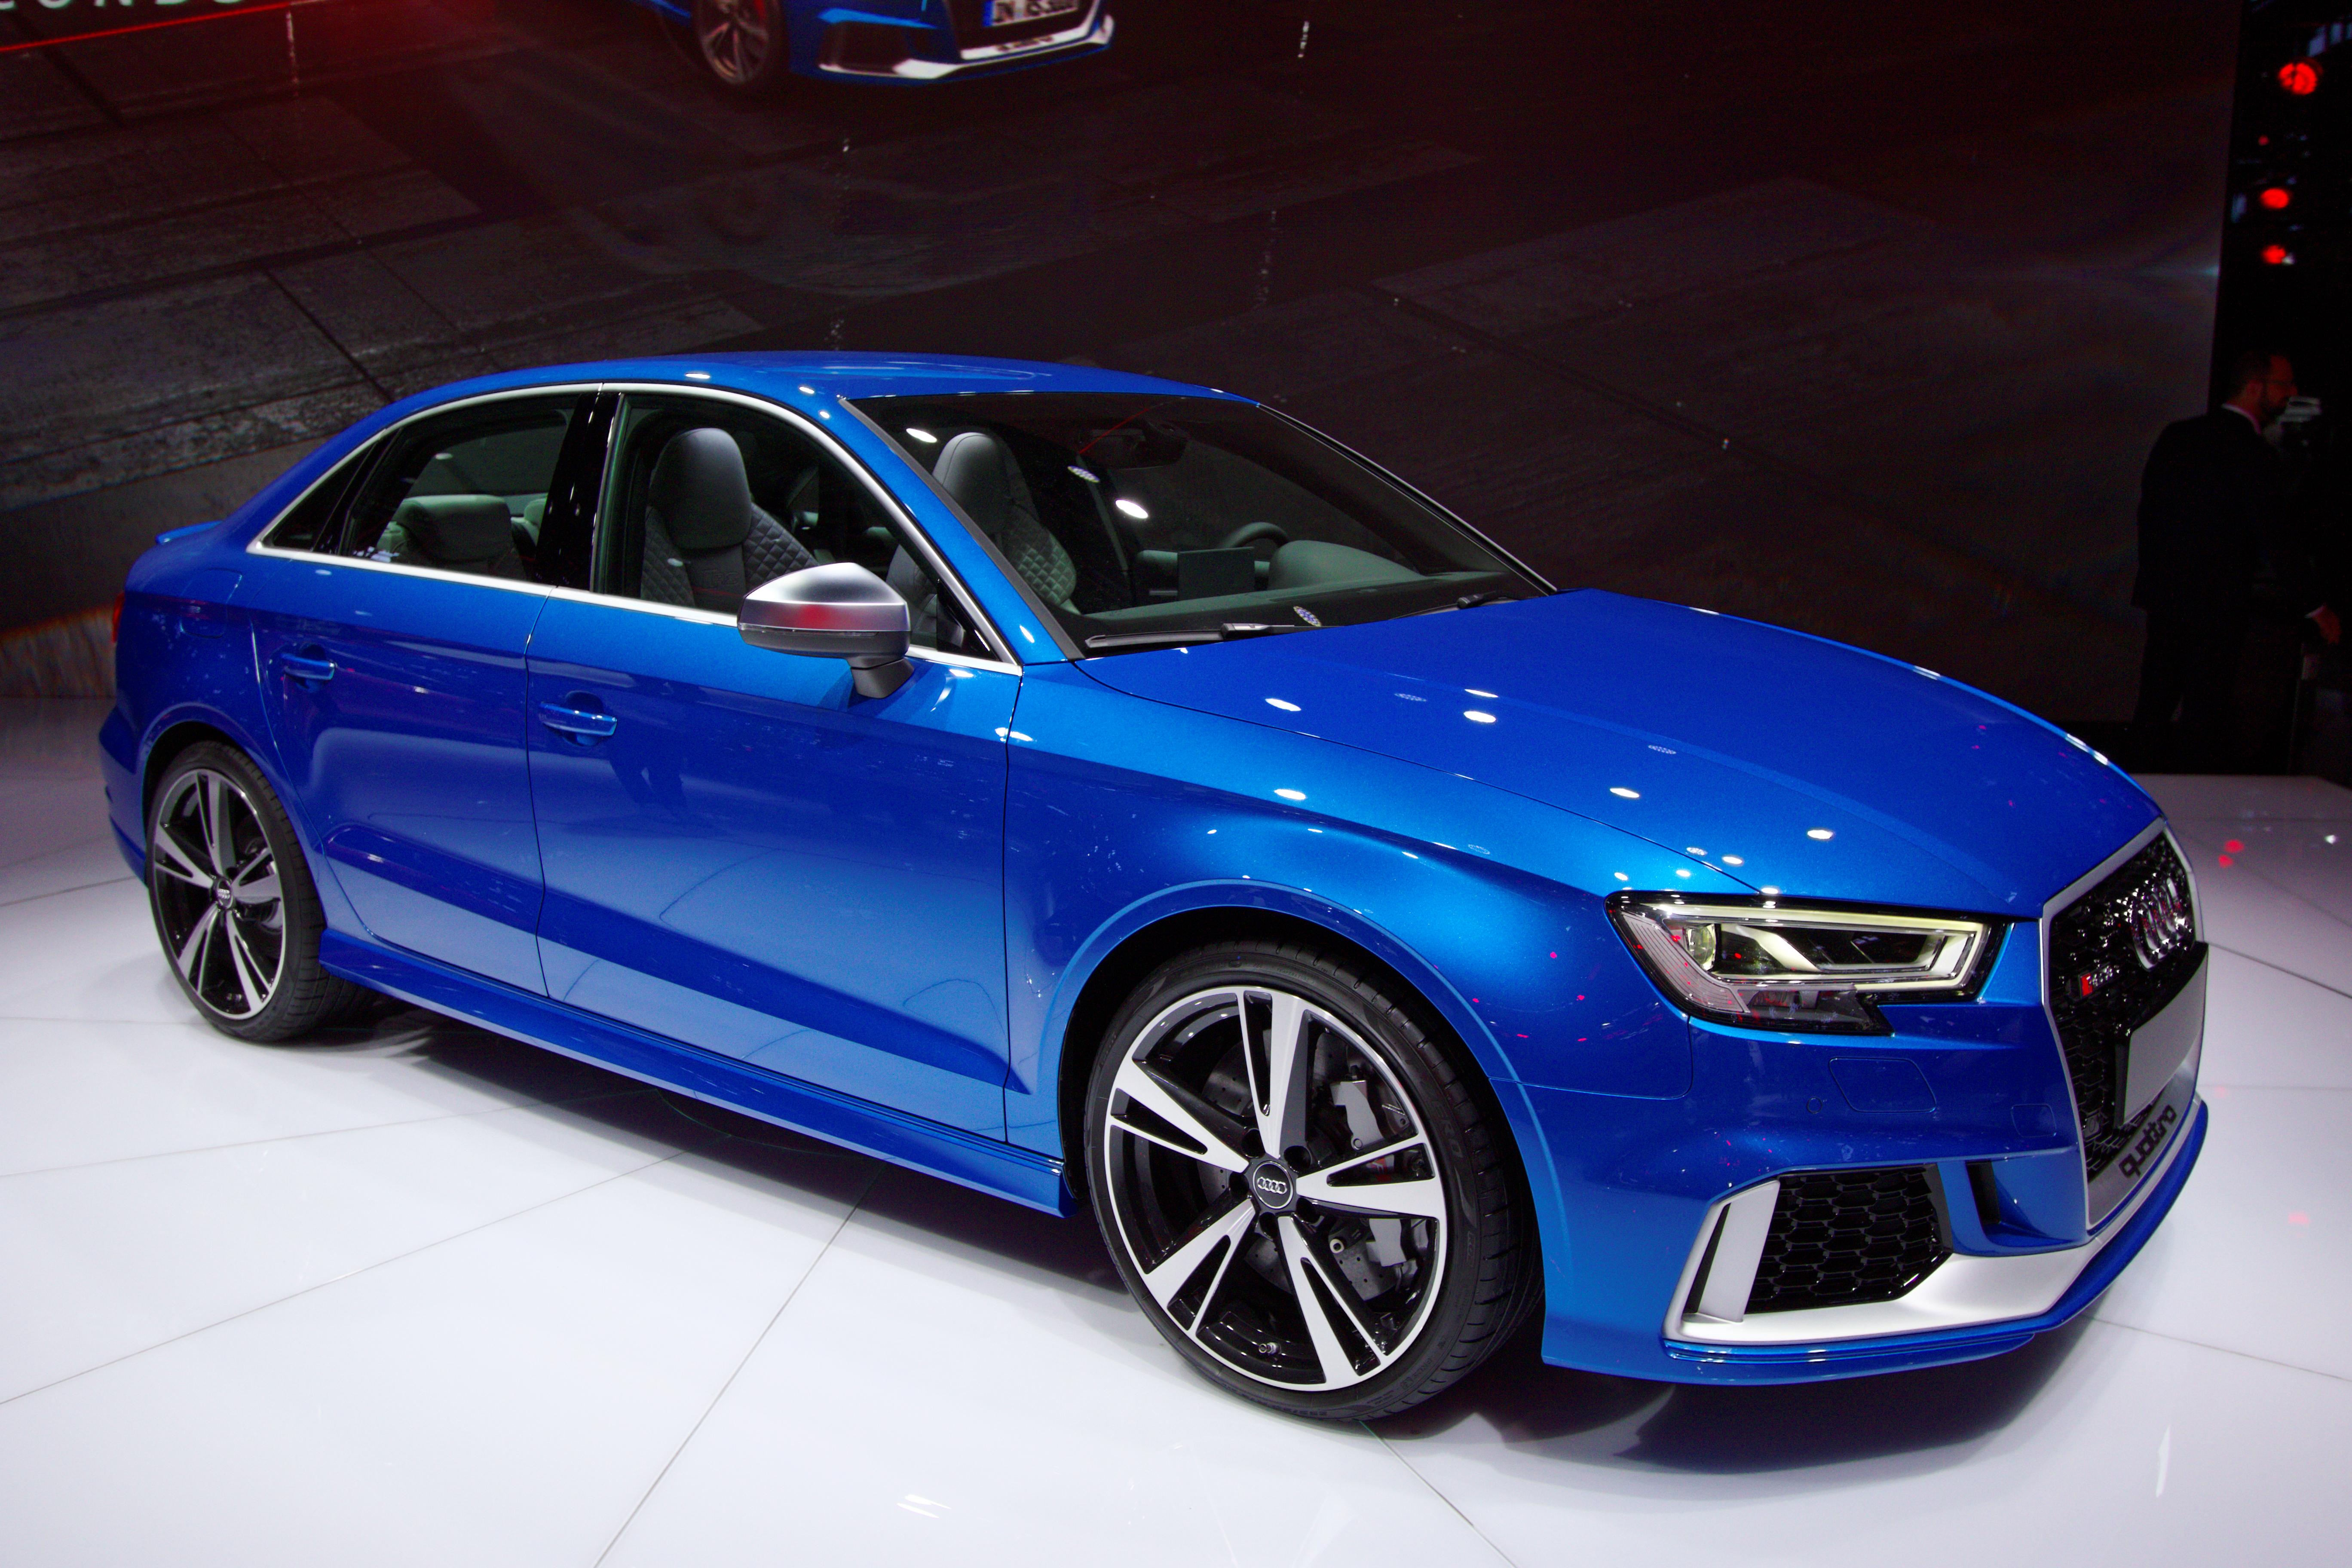 Audi rs 3 mondial de l automobile de paris 2016 002 jpg